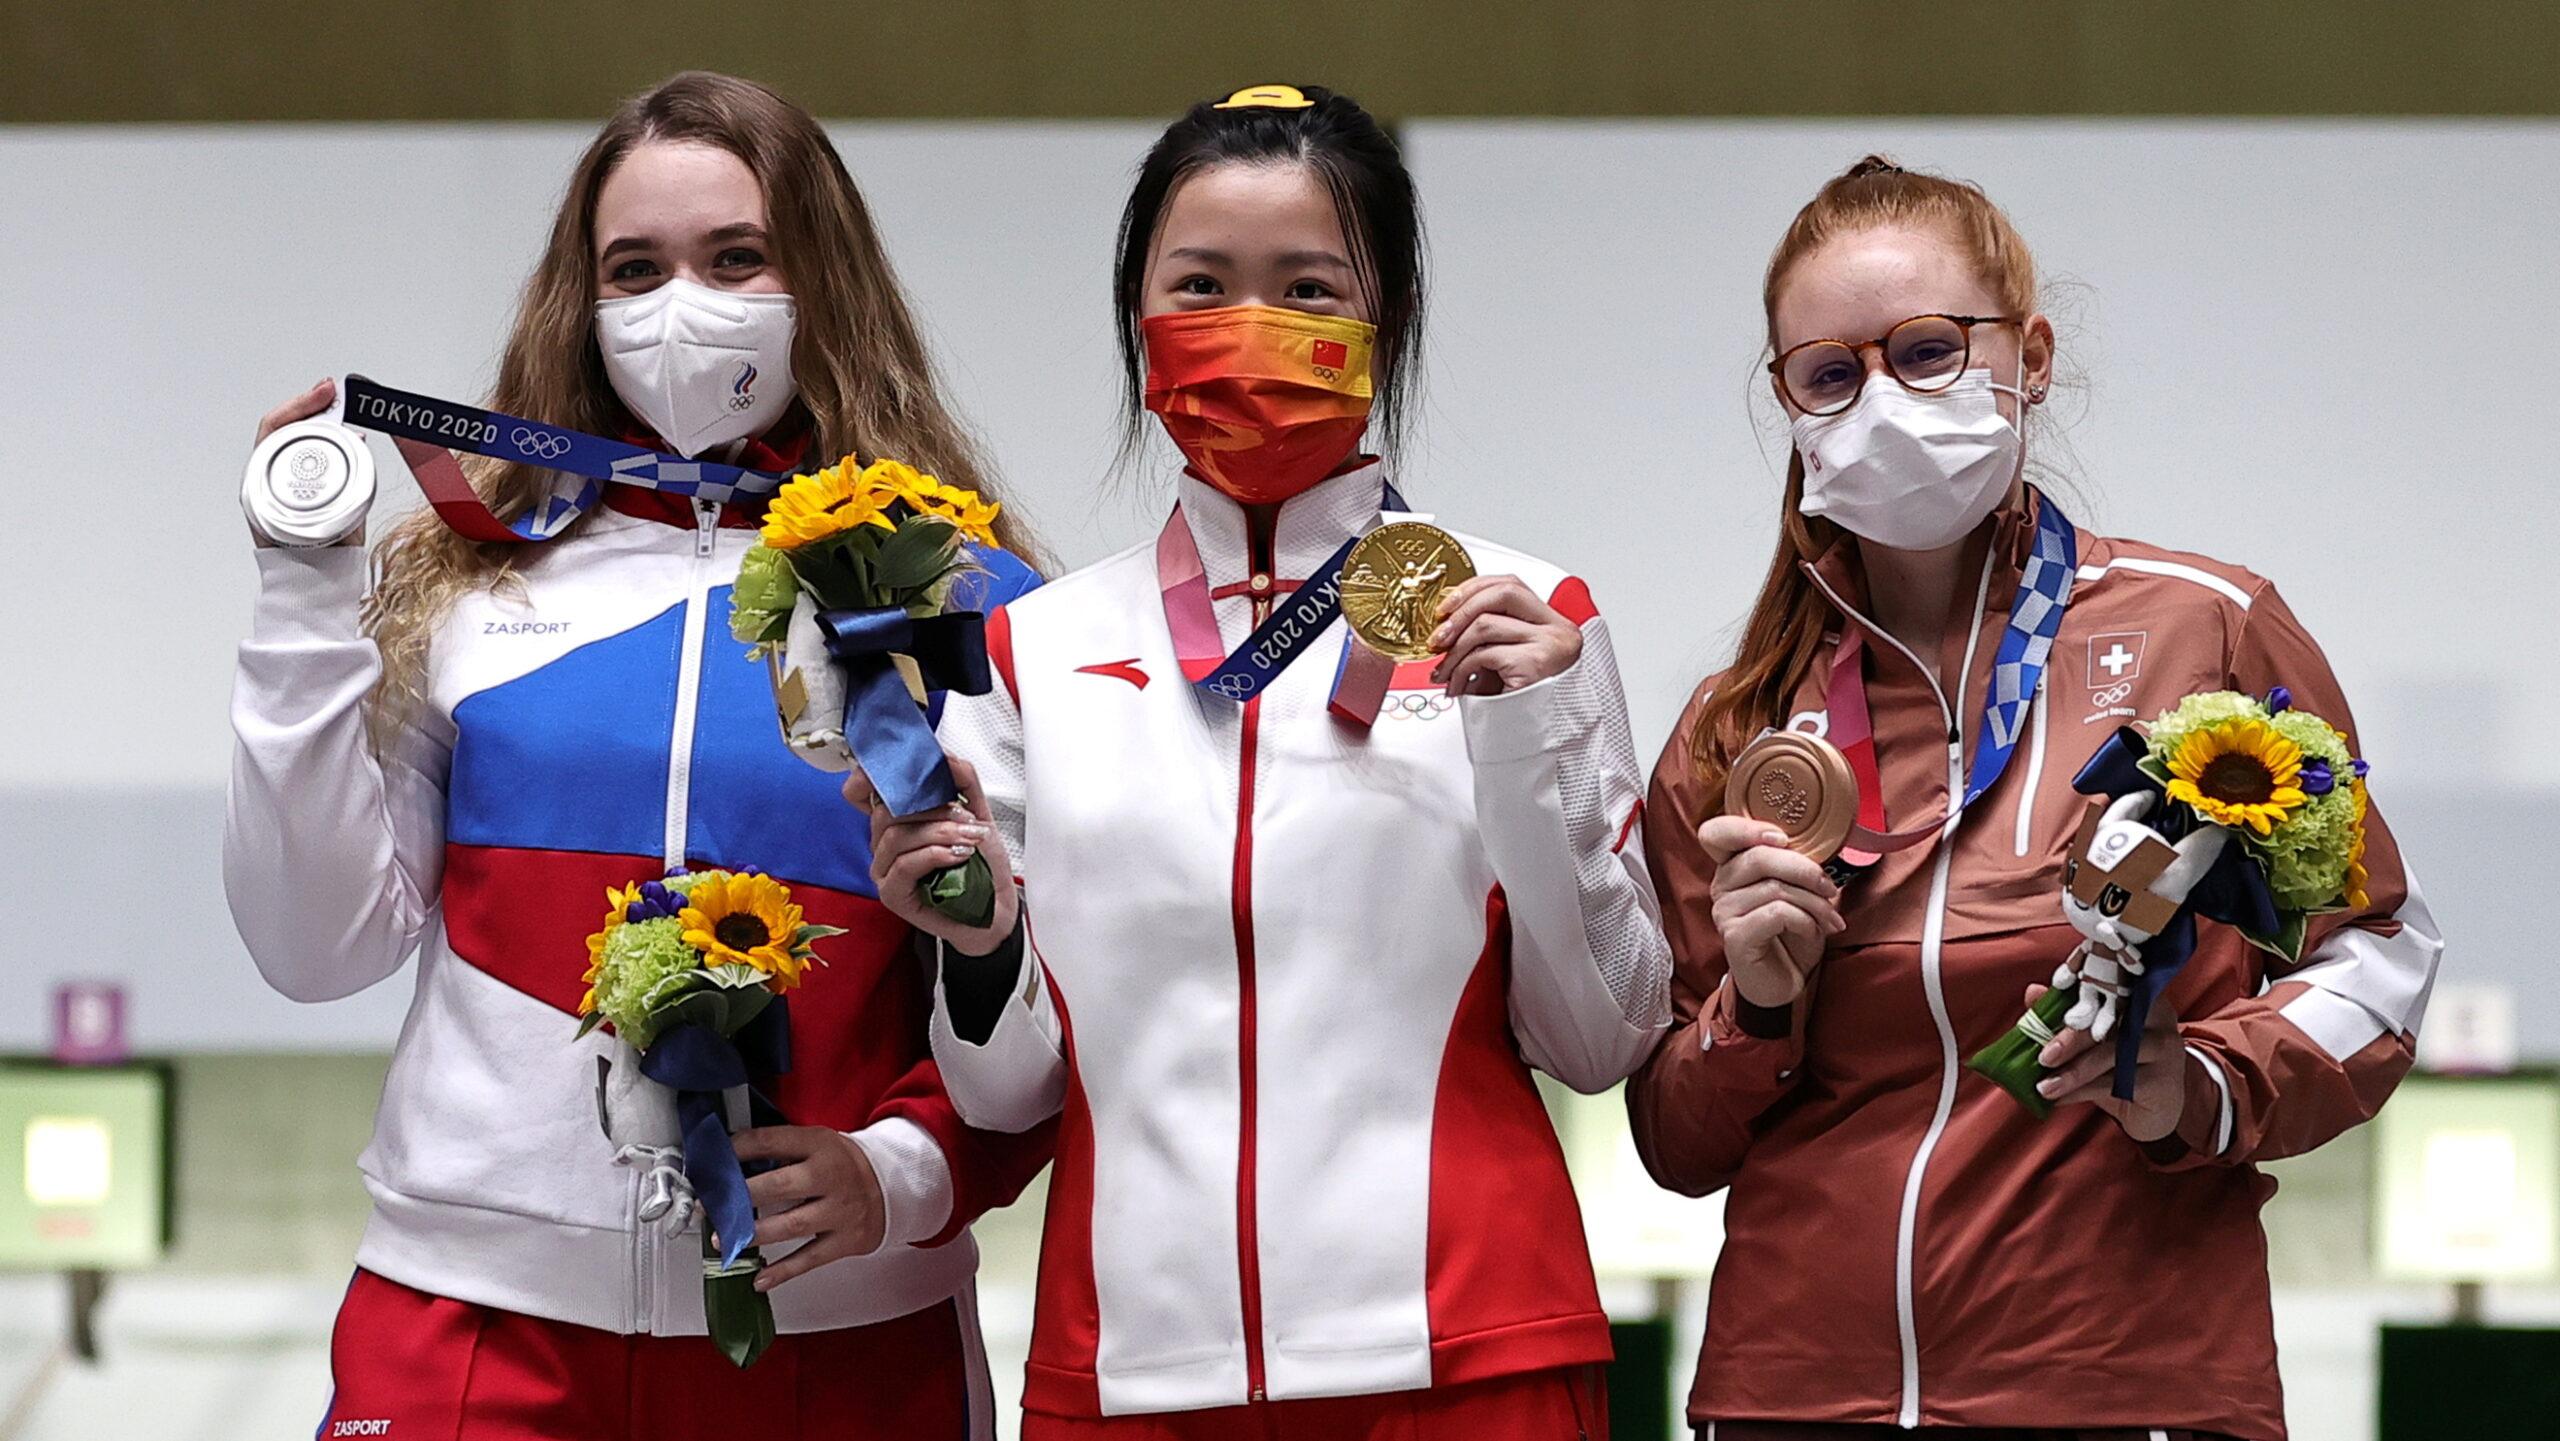 टोकियो ओलम्पिकमा ७० पदकसहित चीन शीर्ष स्थानमा